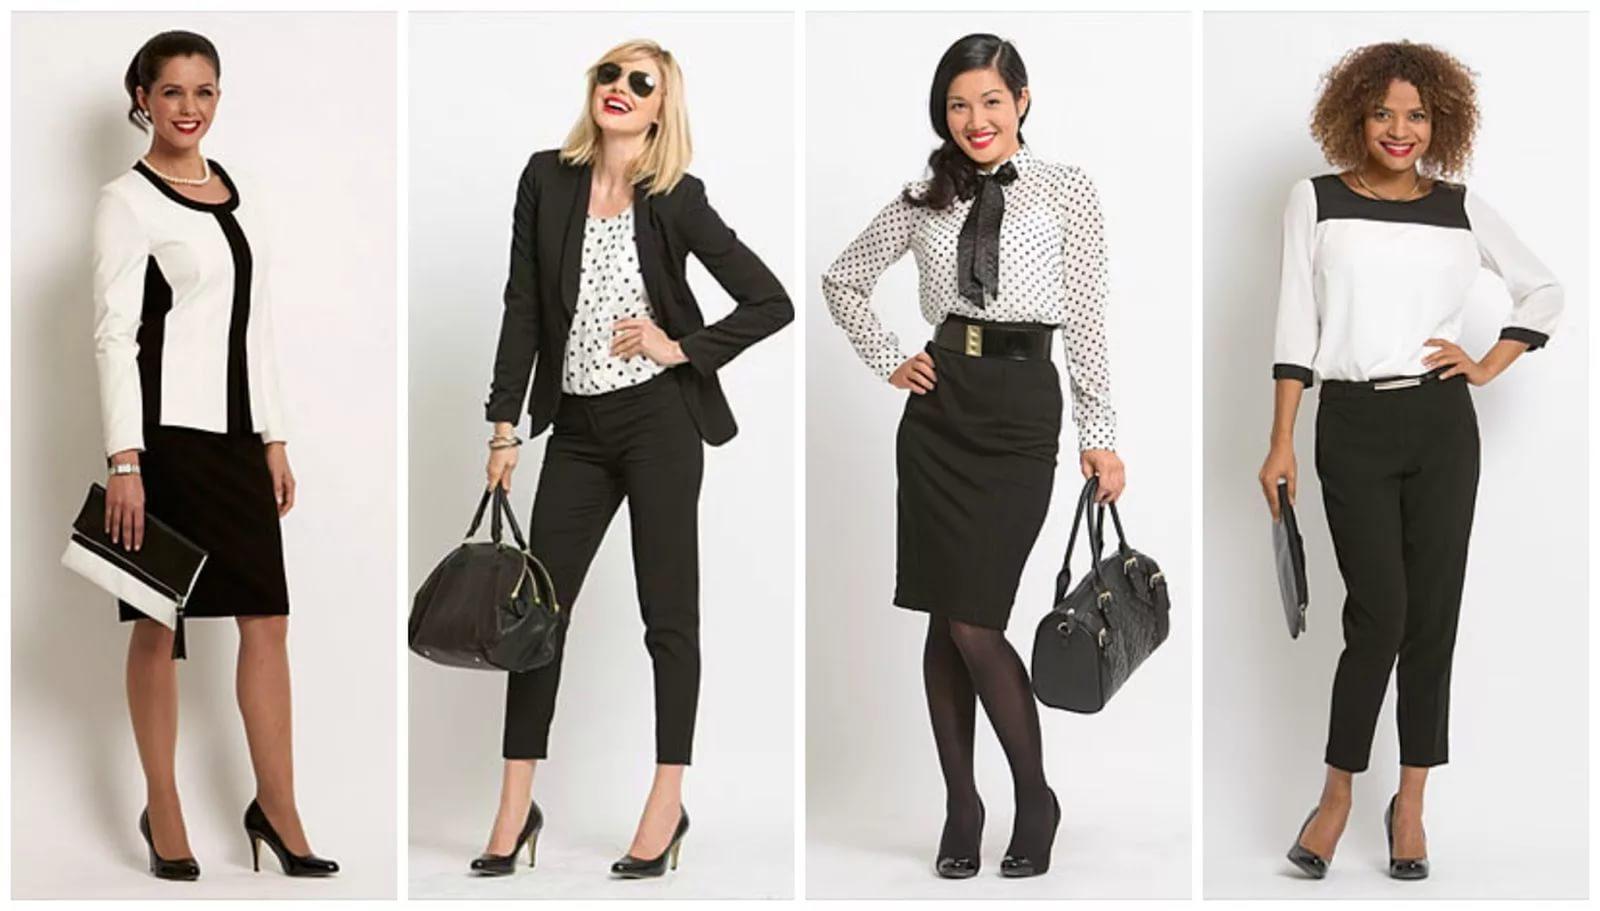 Деловой стиль одежды для женщин и мужчин